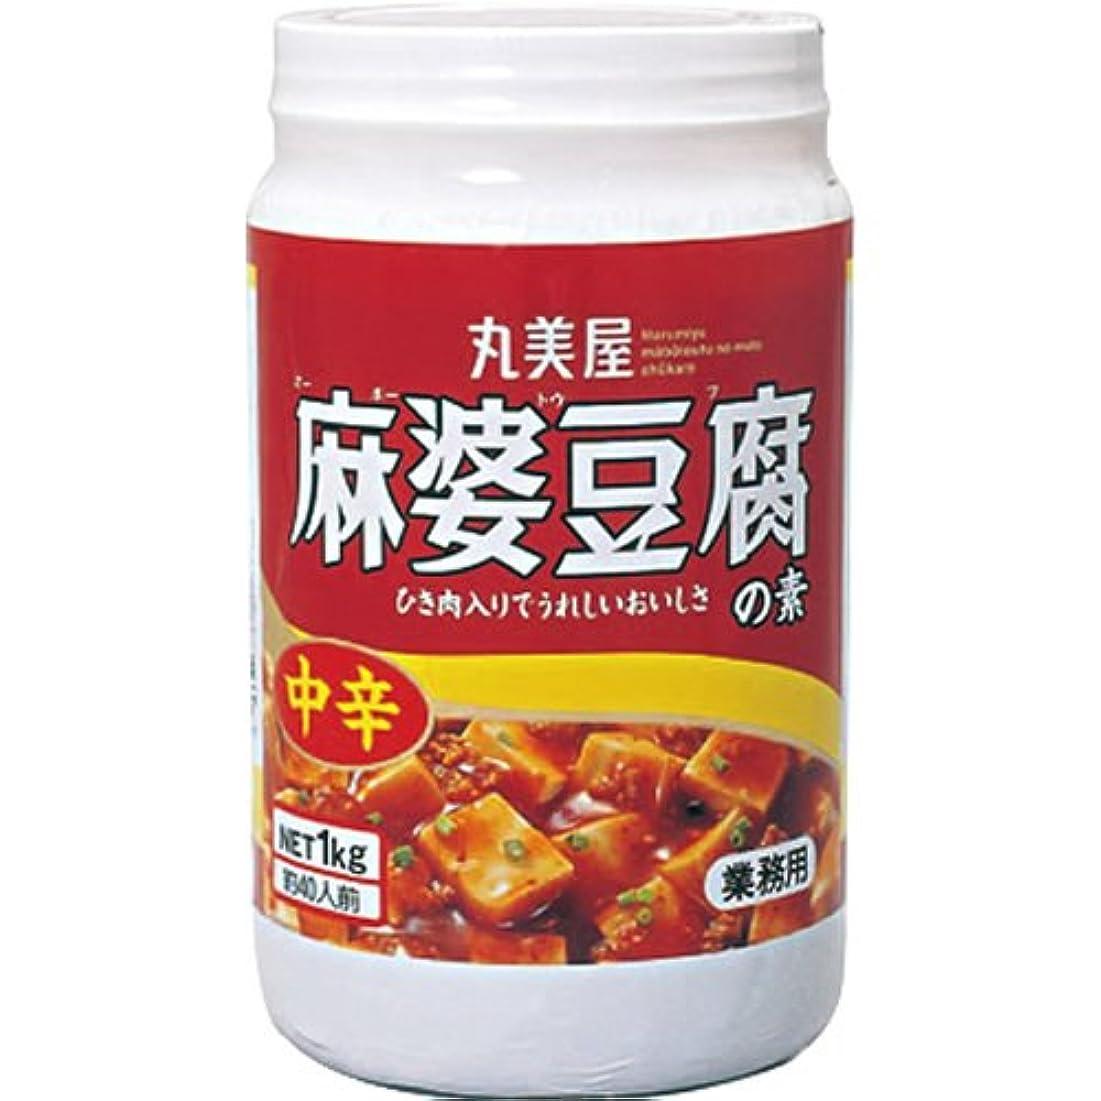 消費者フィルタクモ丸美屋 麻婆豆腐の素中辛 ポリ容器入り 業務用 1kg